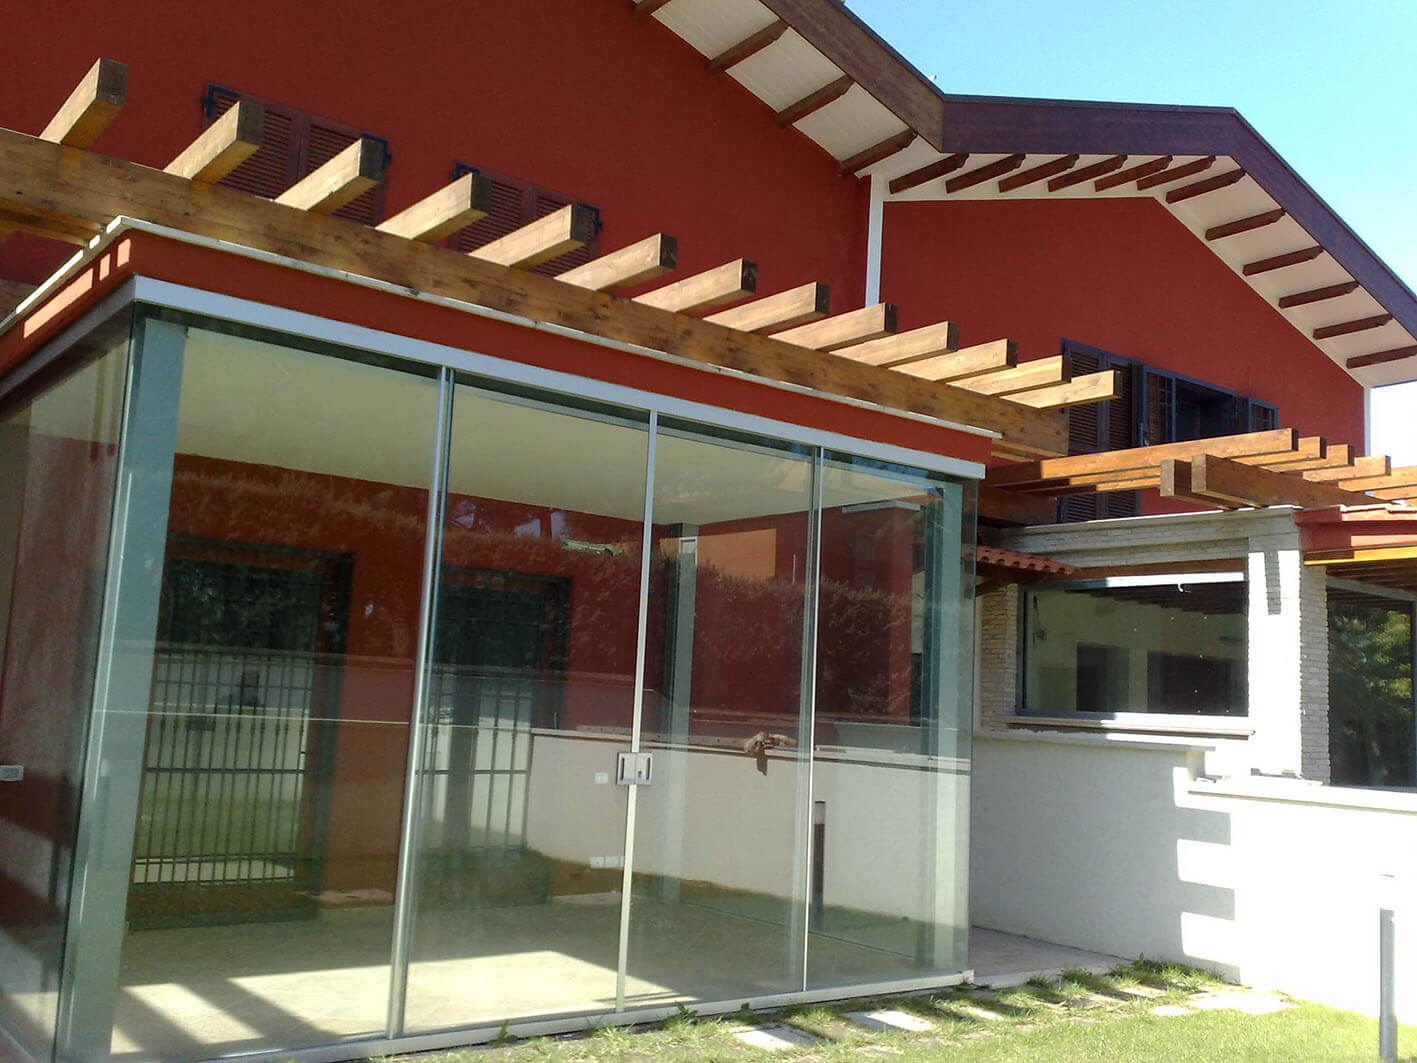 Aldobrandeschi - nuove costruzioni (1)